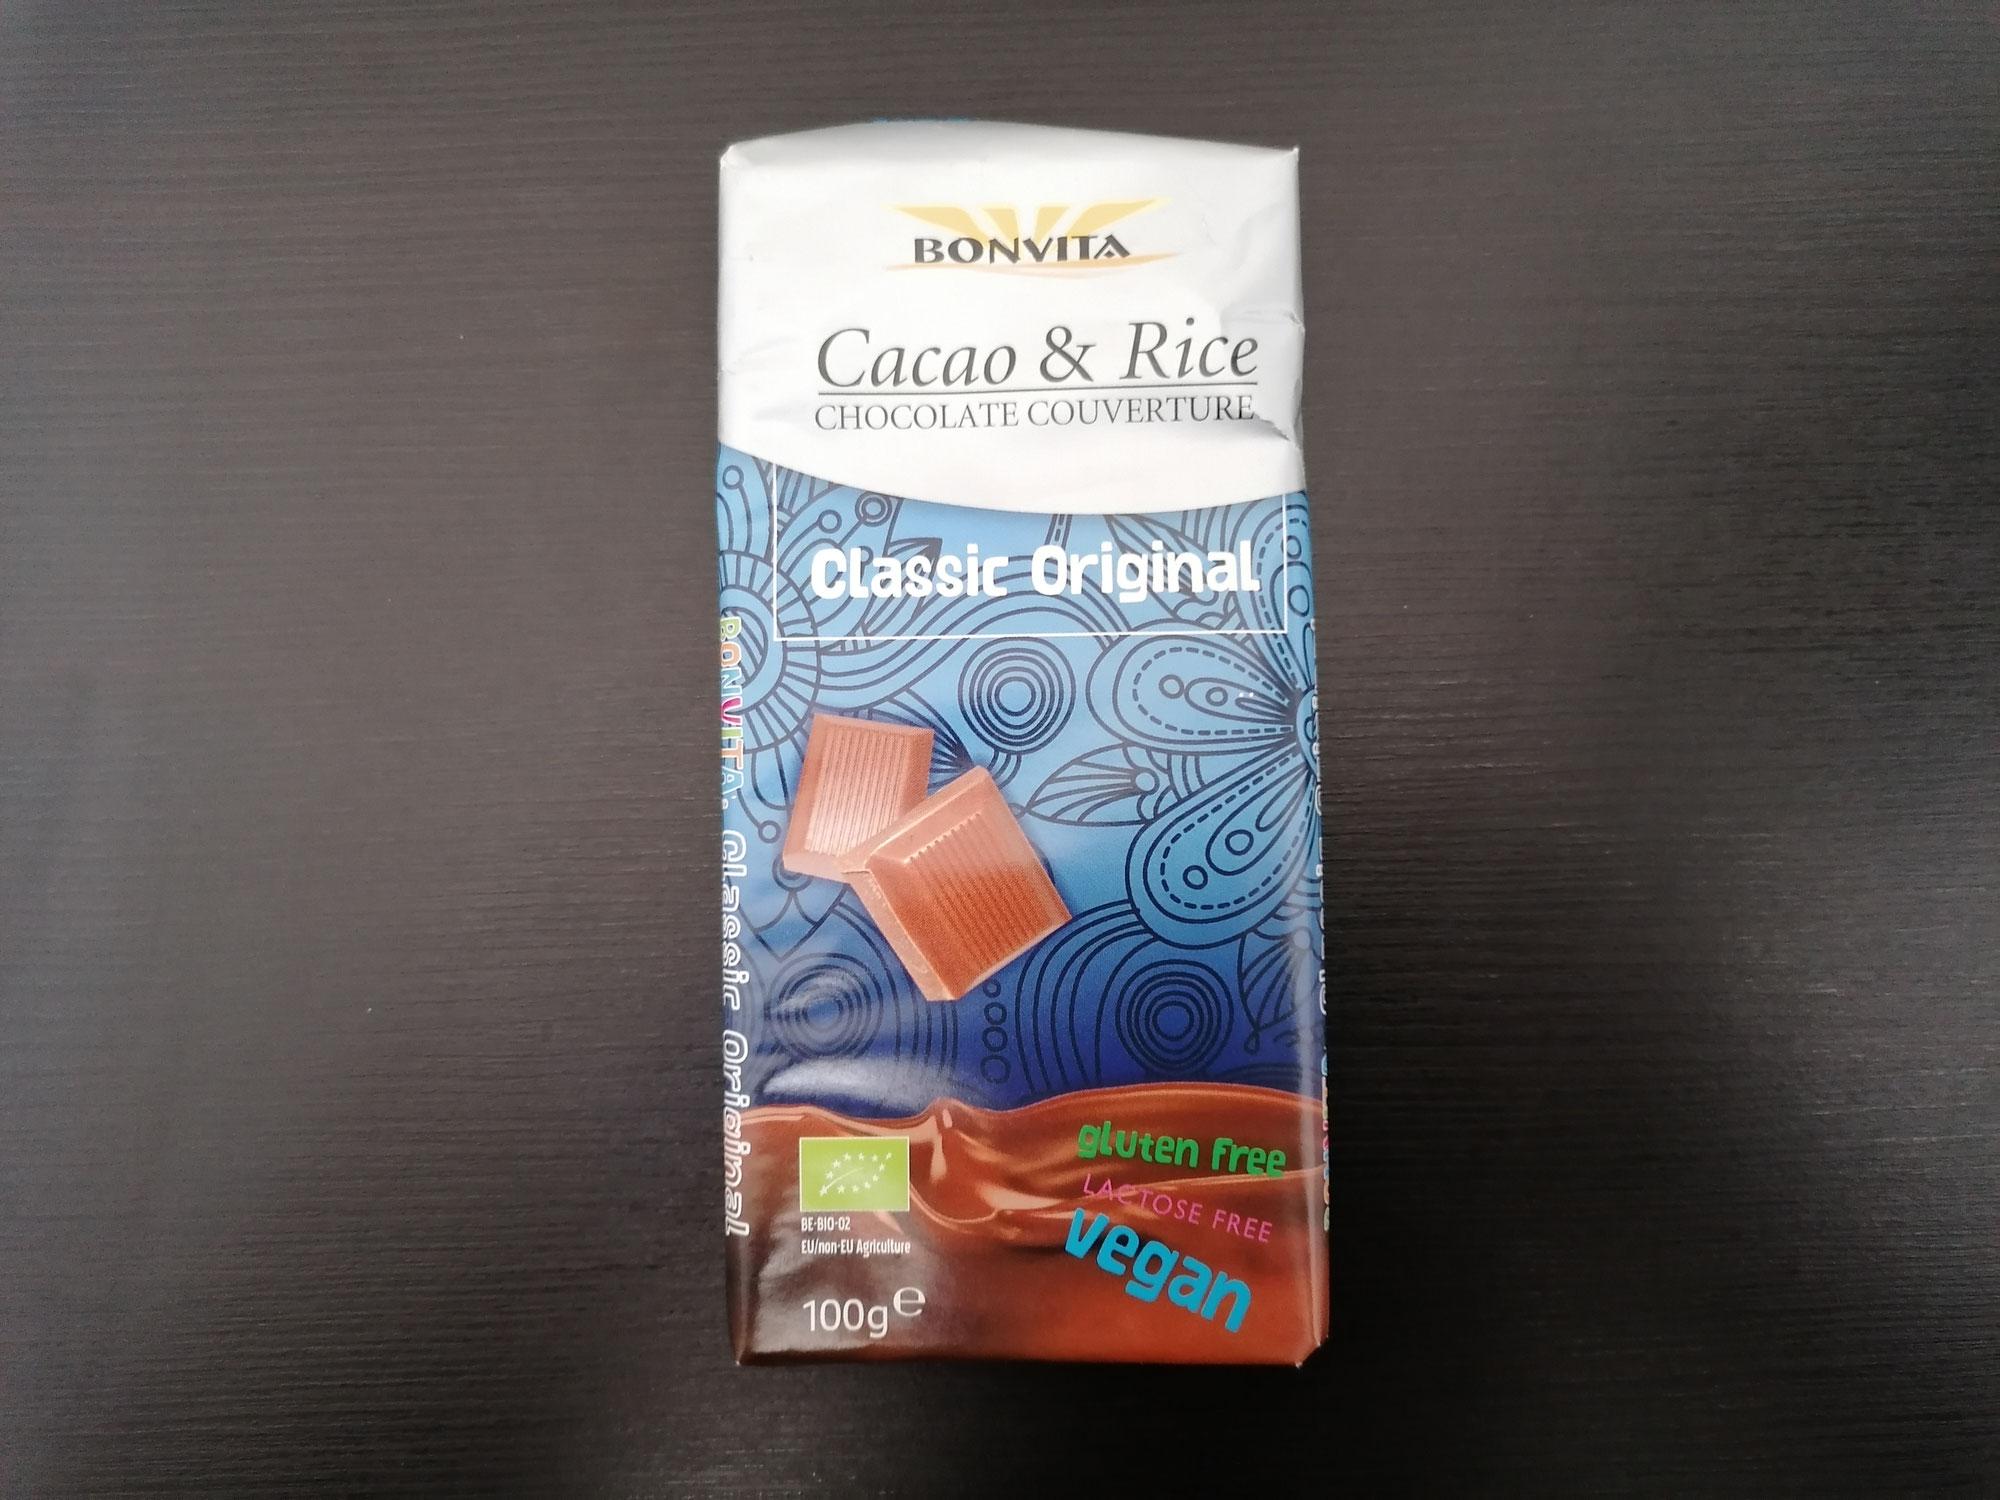 Bonnita Cacao & Rice Classic Original